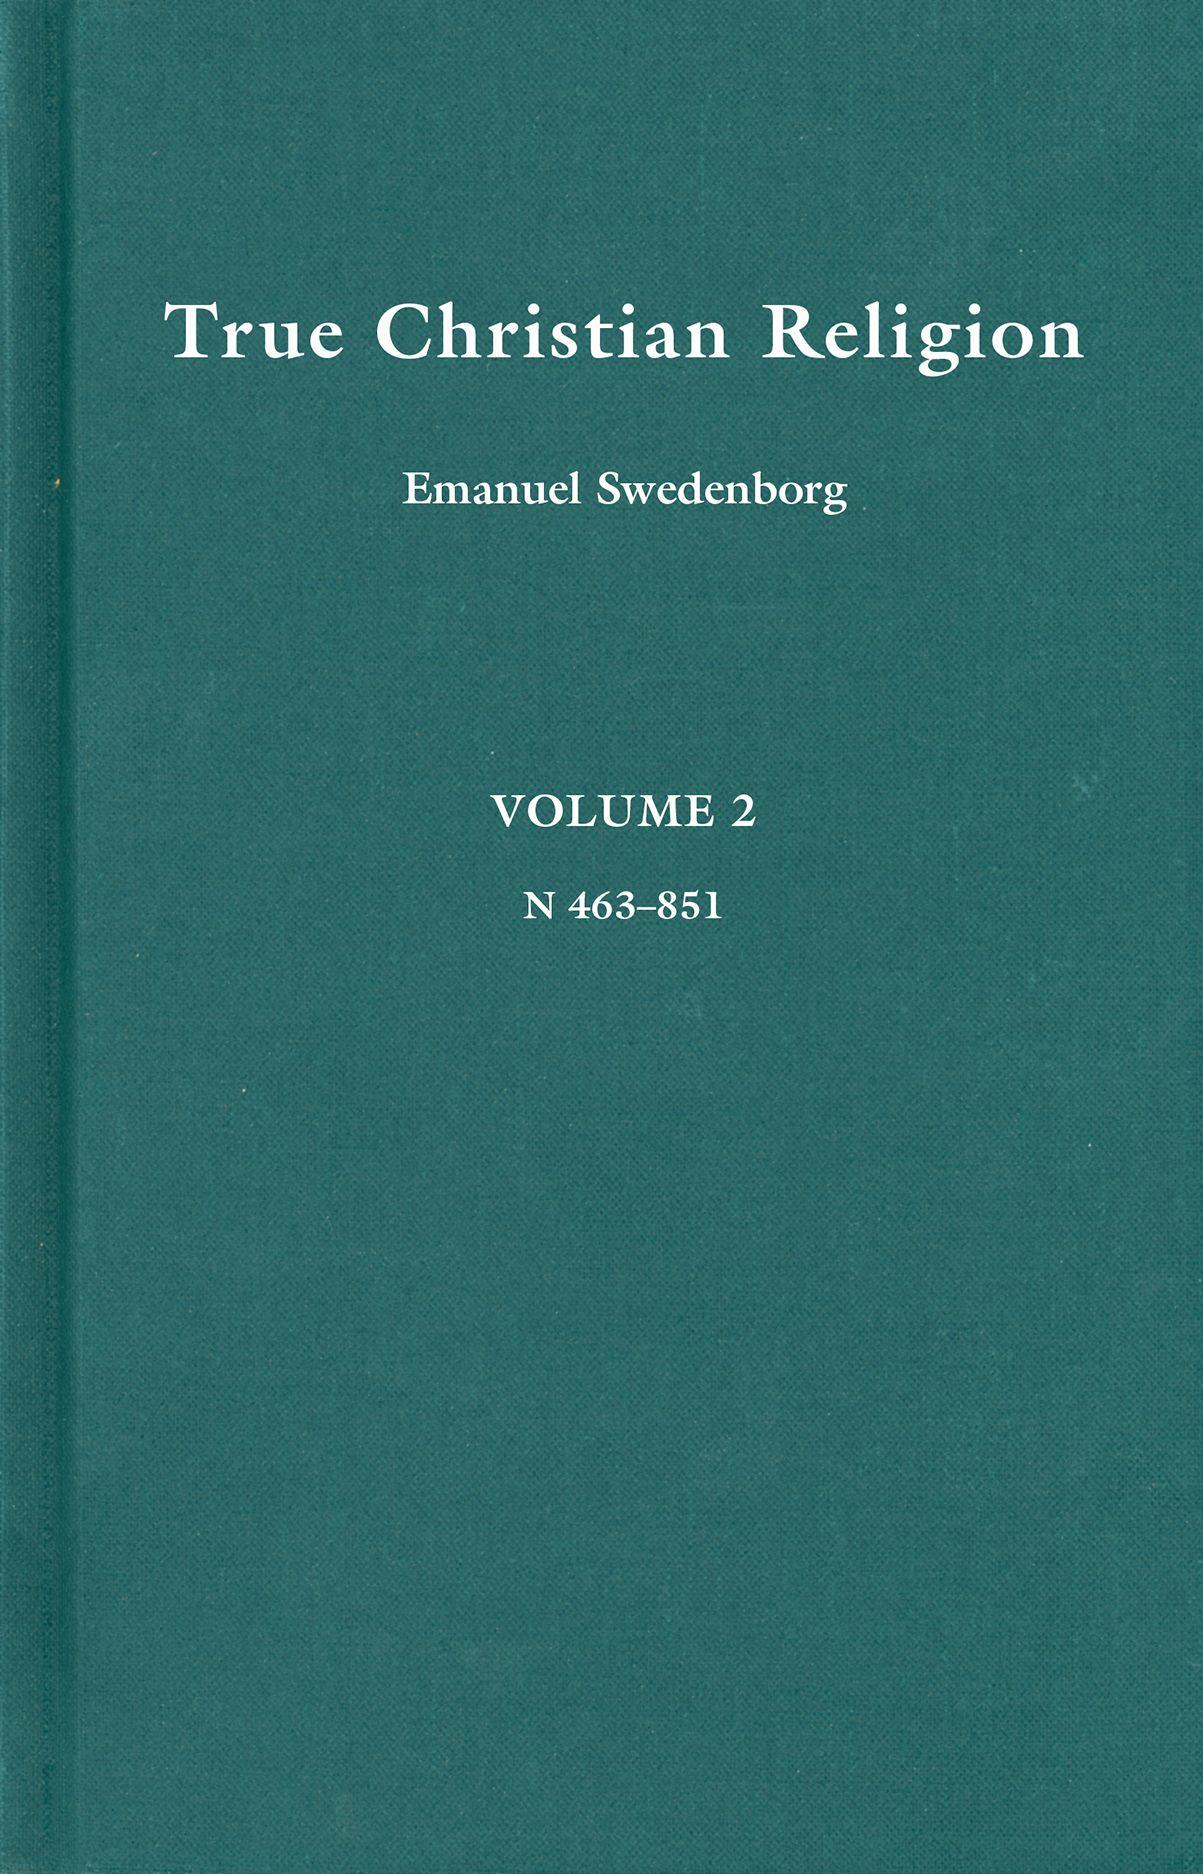 TRUE CHRISTIAN RELIGION 2